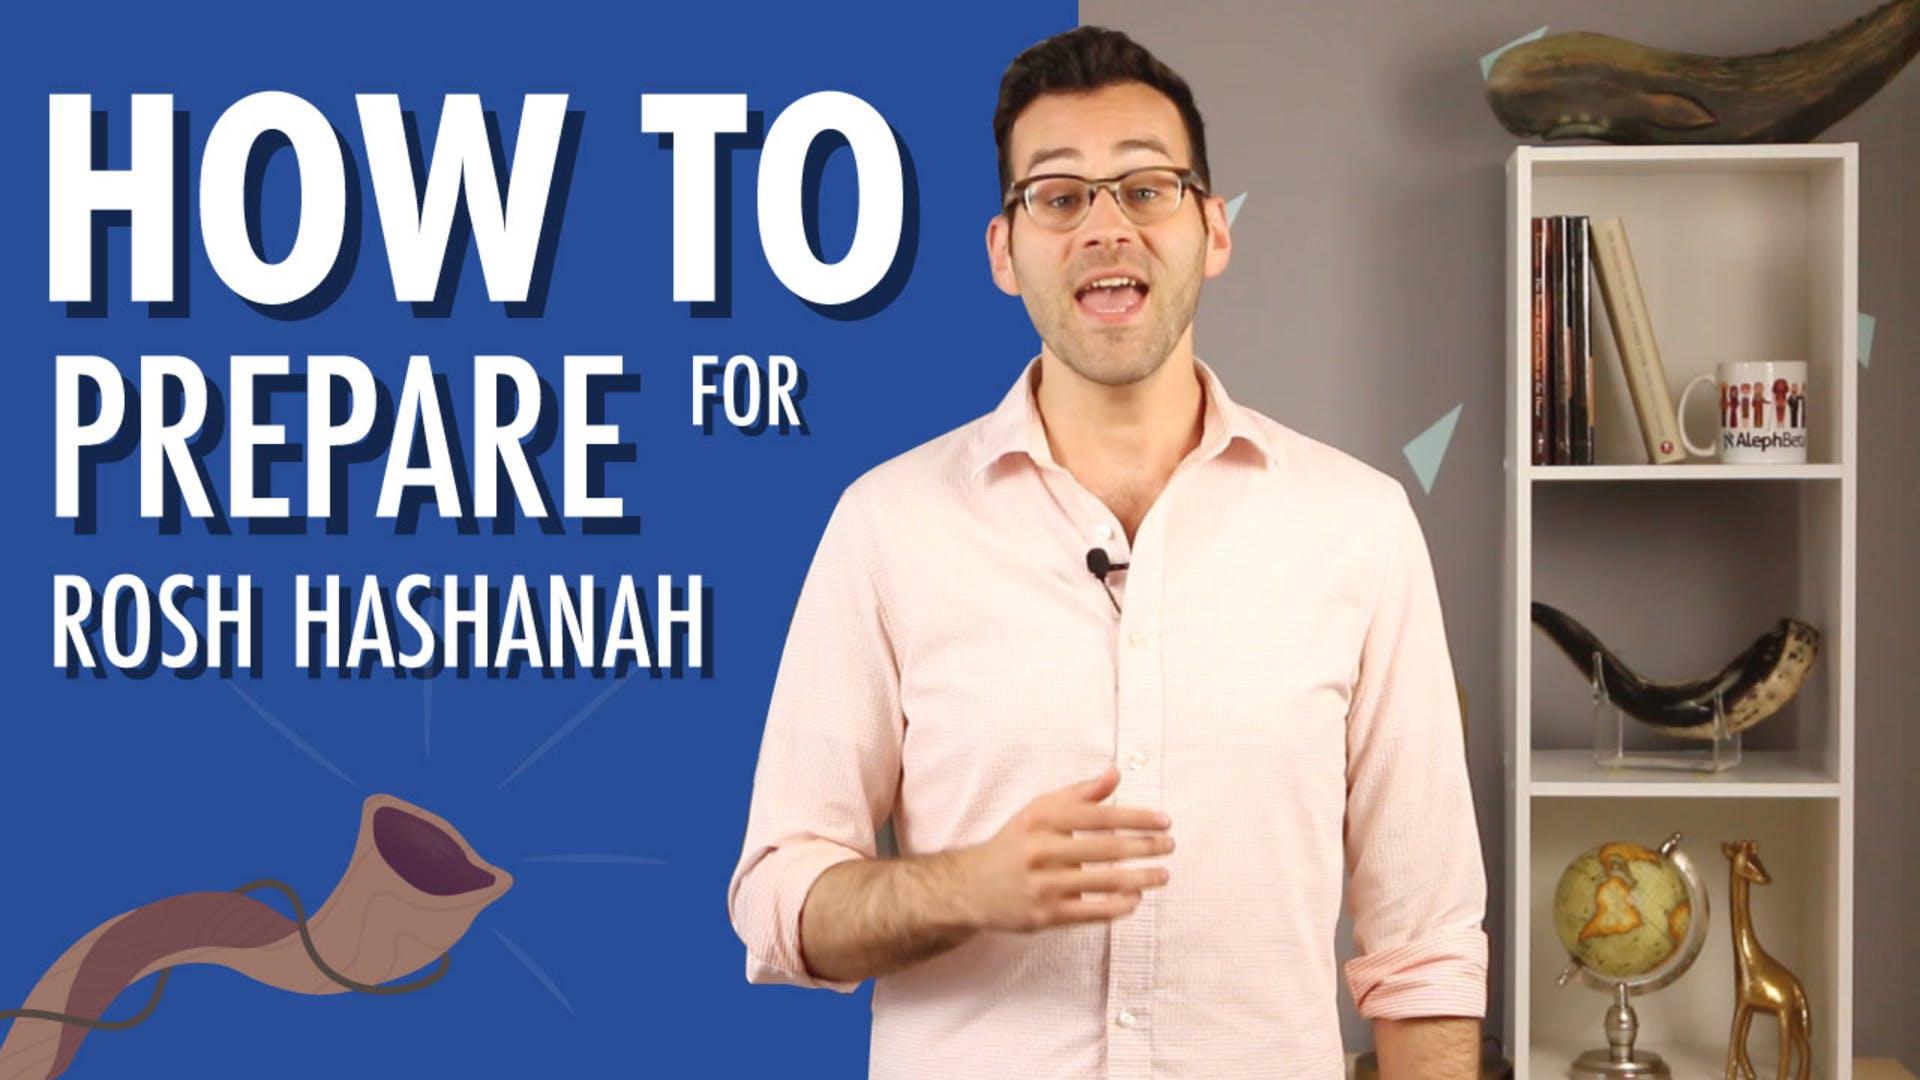 Rosh Hashanah lesson plan